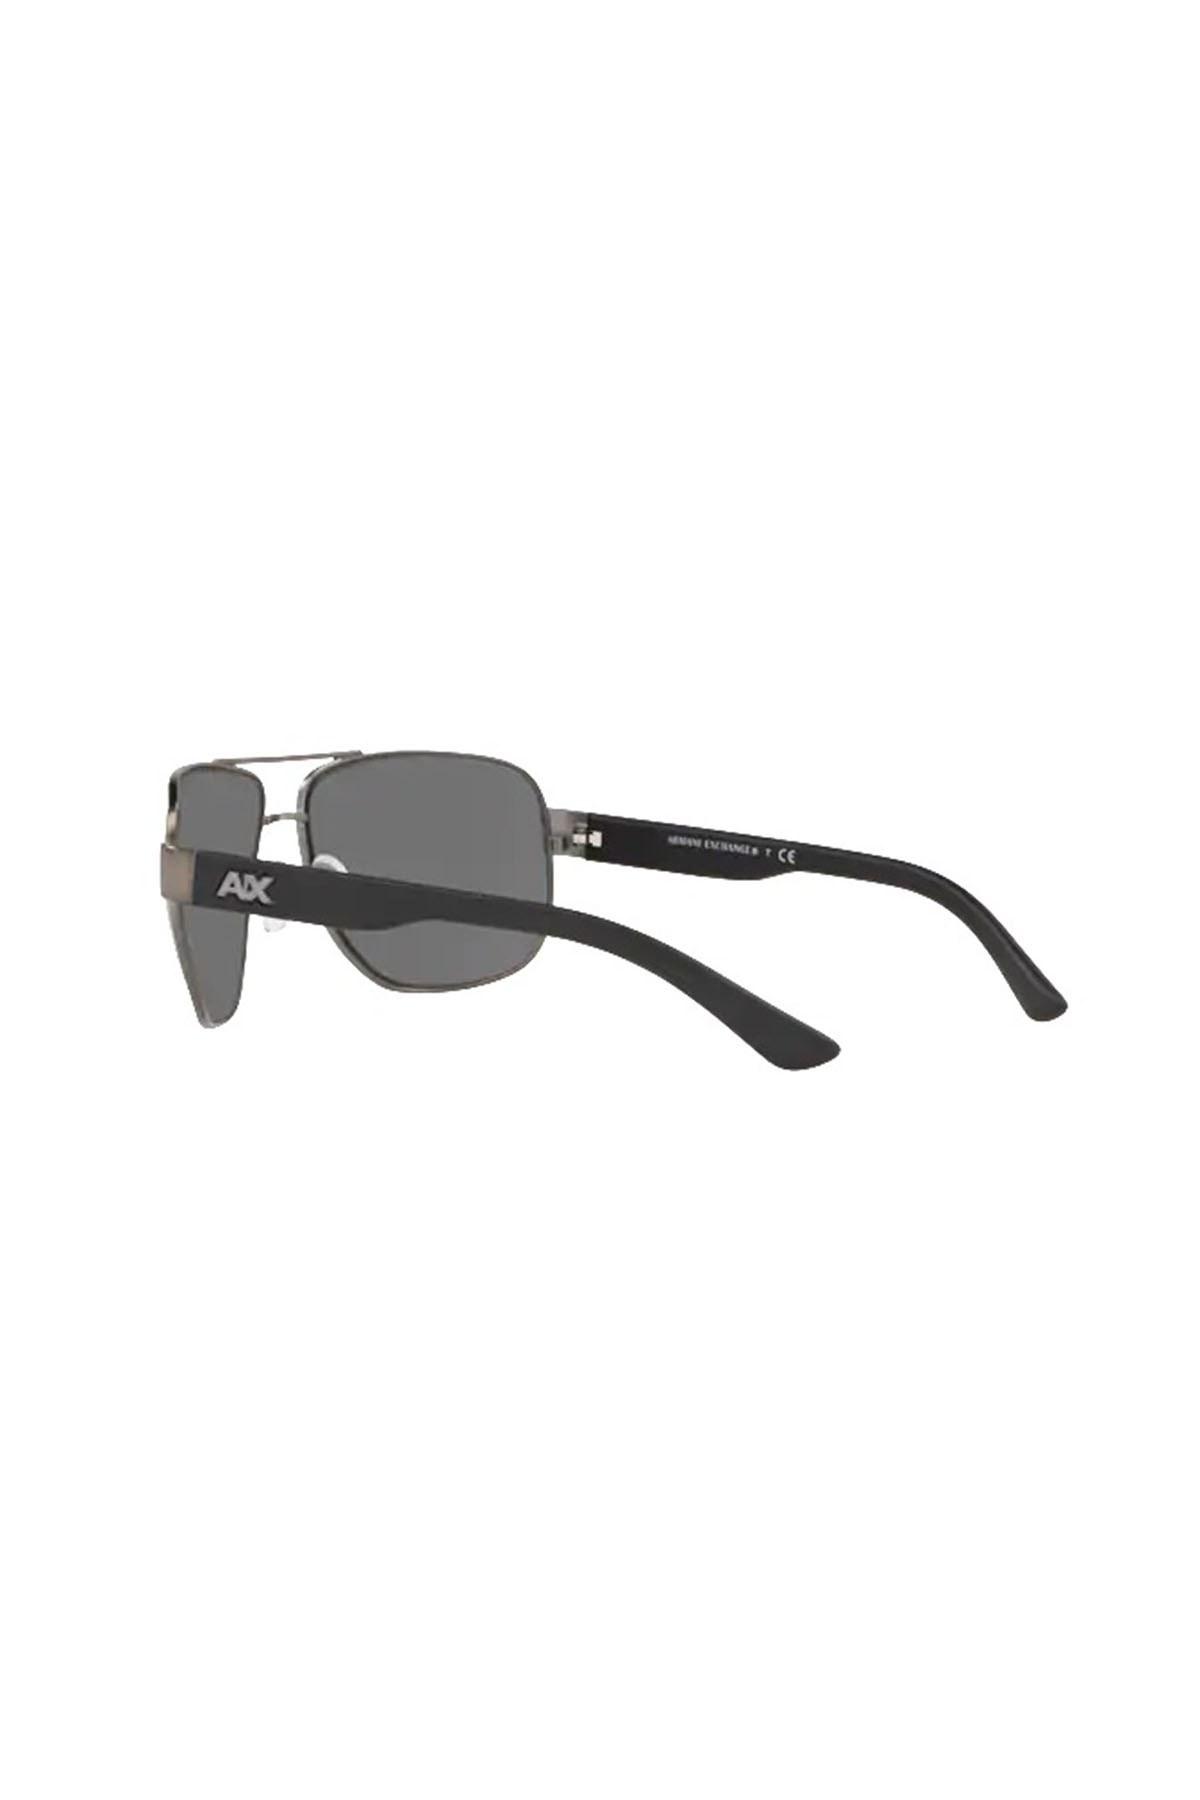 Armani Exchange Aynalı Erkek Gözlük 0AX2012S 60066G 62 KOYU GRİ